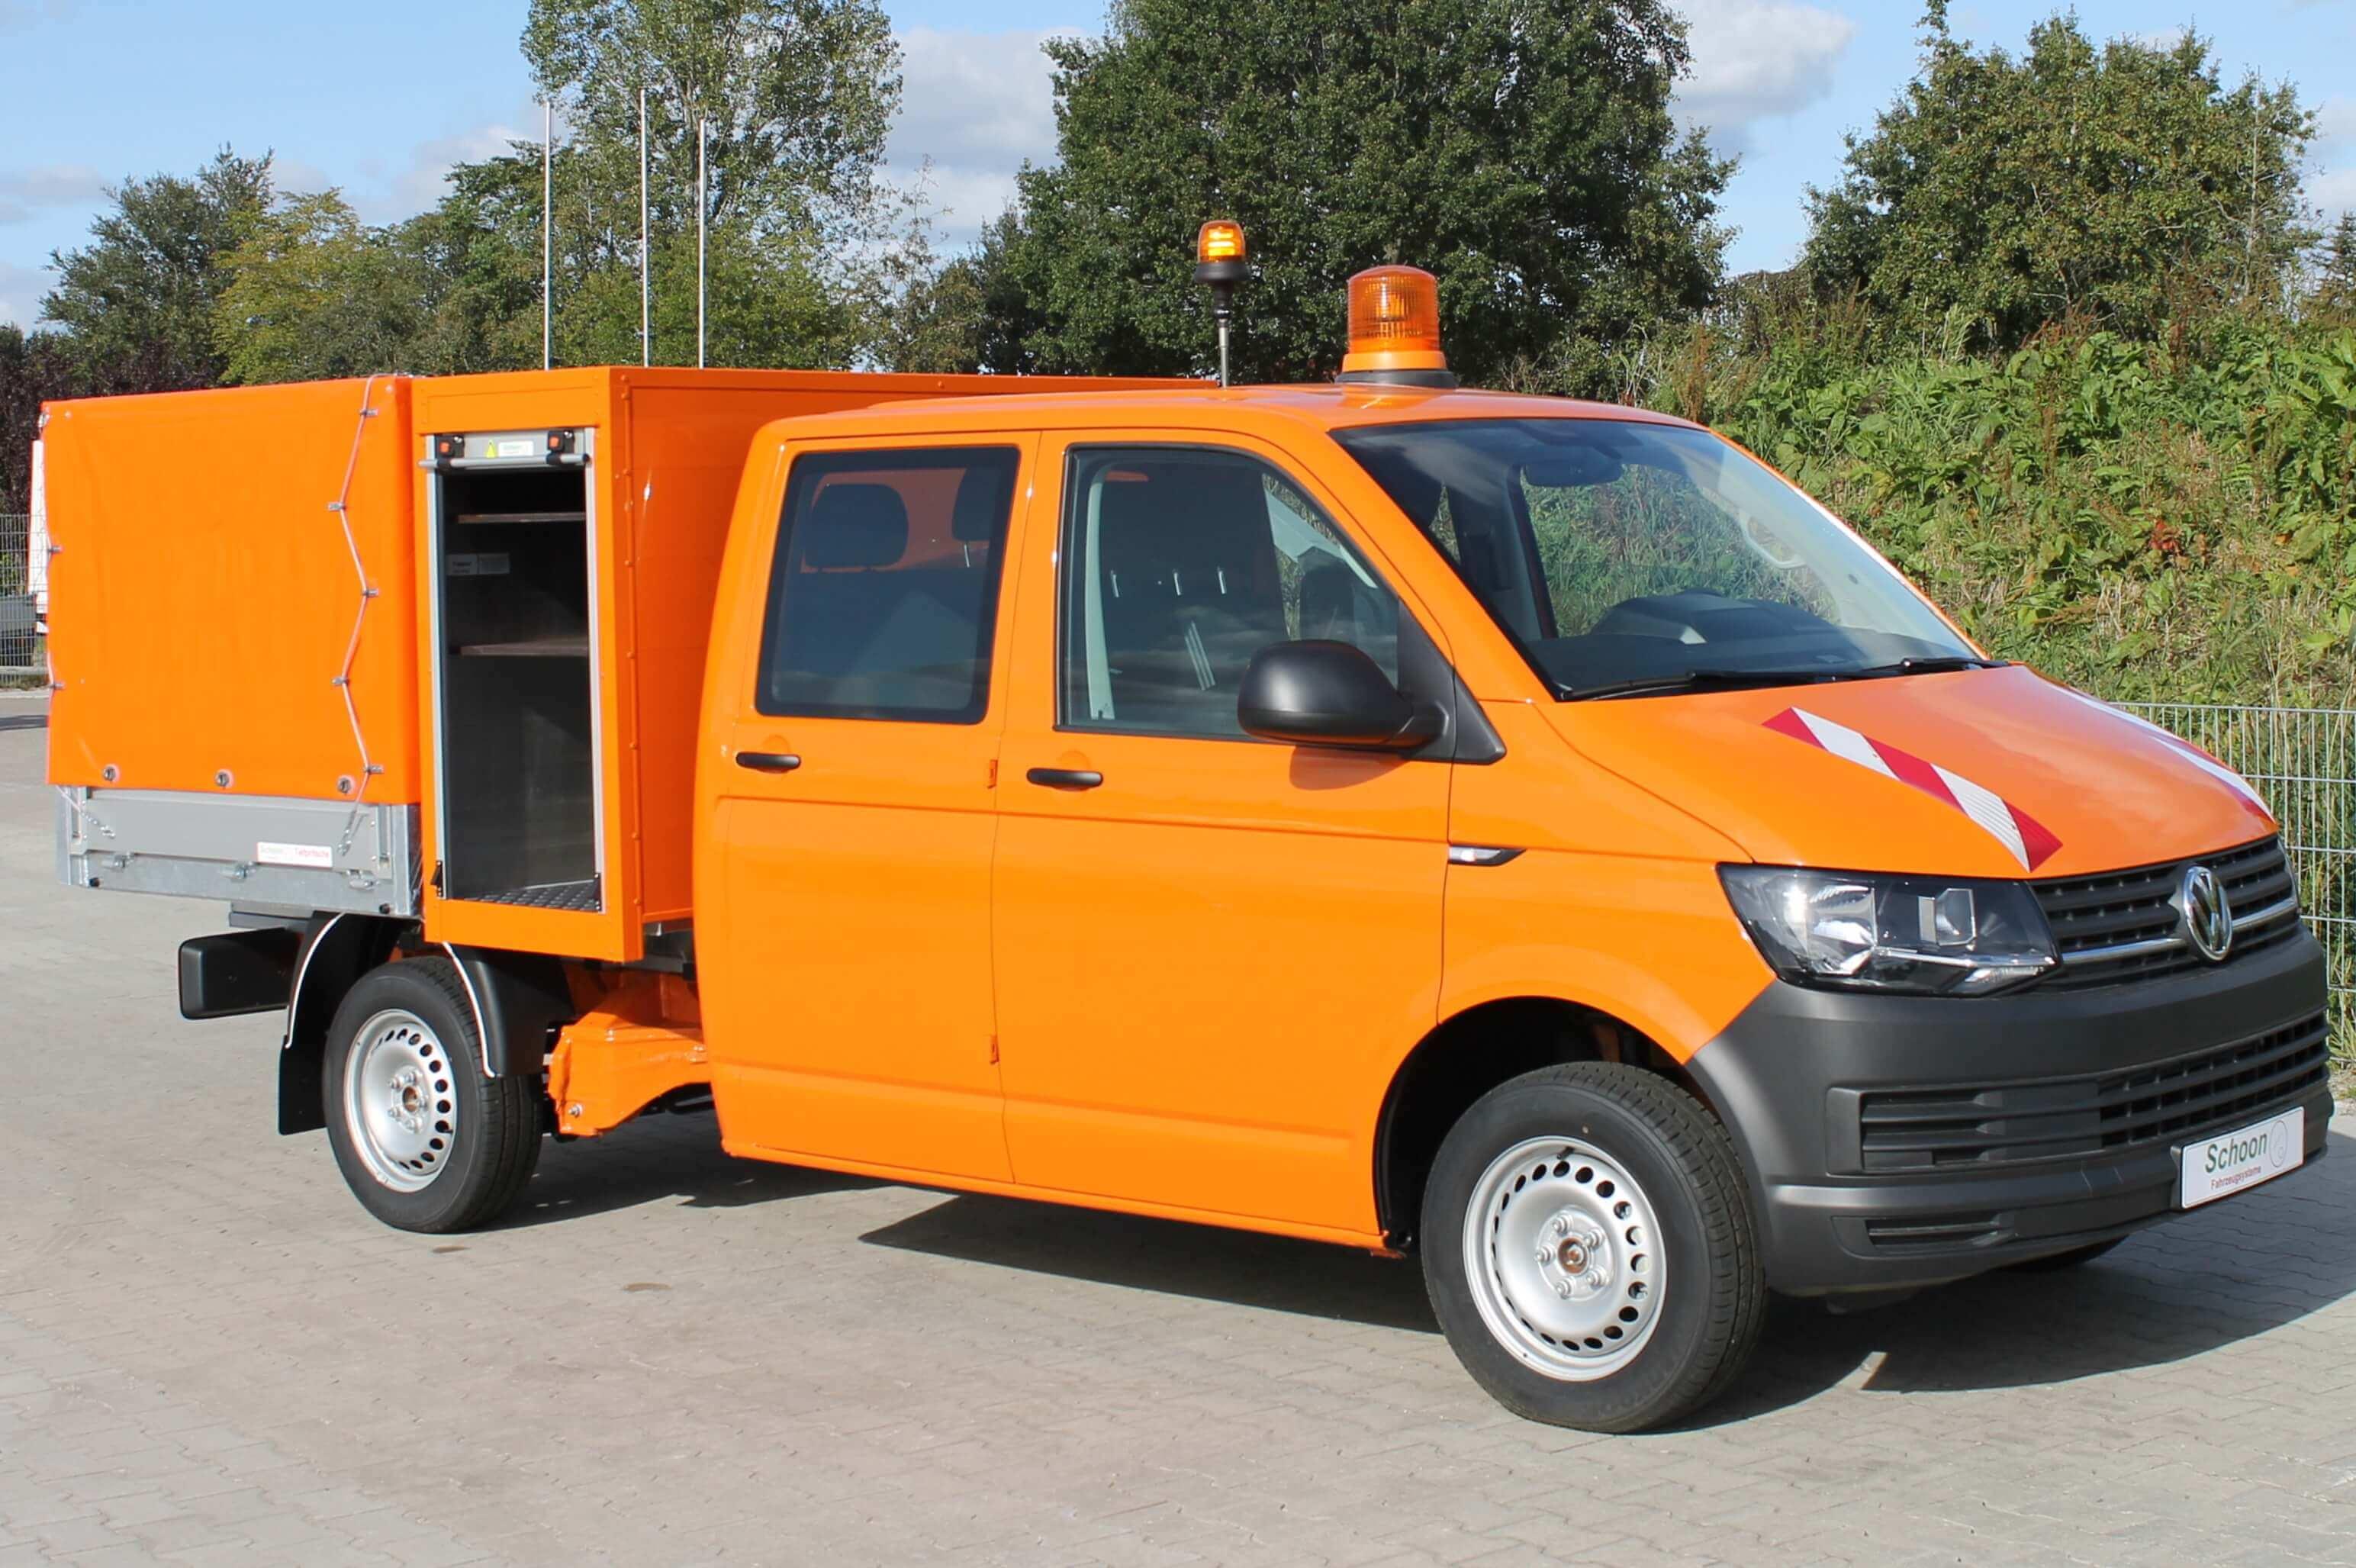 VW Transporter mit Schoon Mittelhochpritsche, Gerätekasten, Plane Spriegel, Ausstellklappe, RKL, Schwerlastauszug, AB1901913 (8)